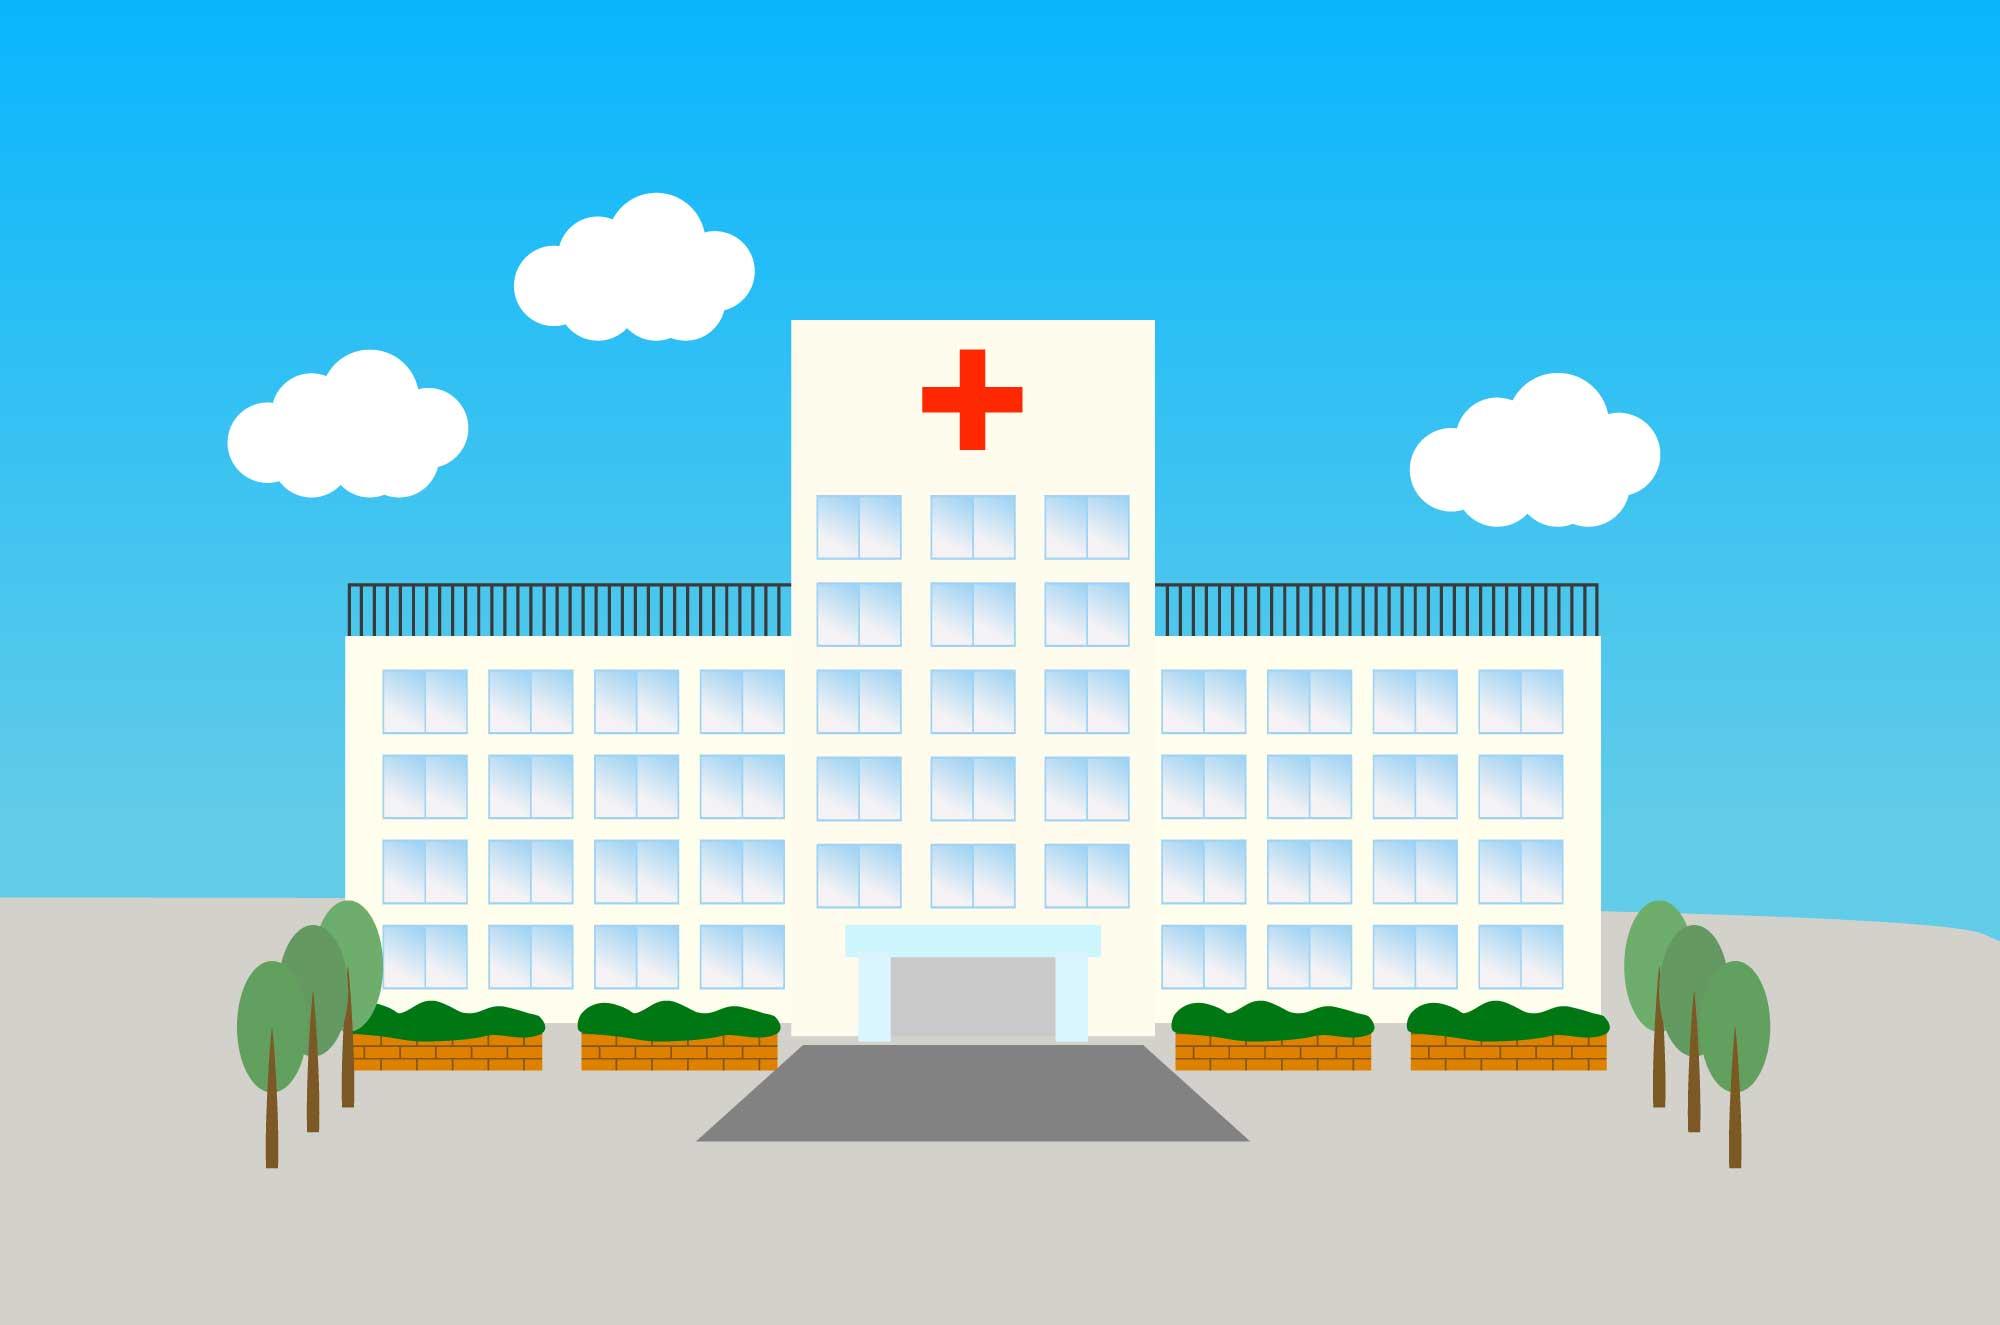 病院の無料イラスト - 建物のイメージ挿絵フリー素材 - チコデザ